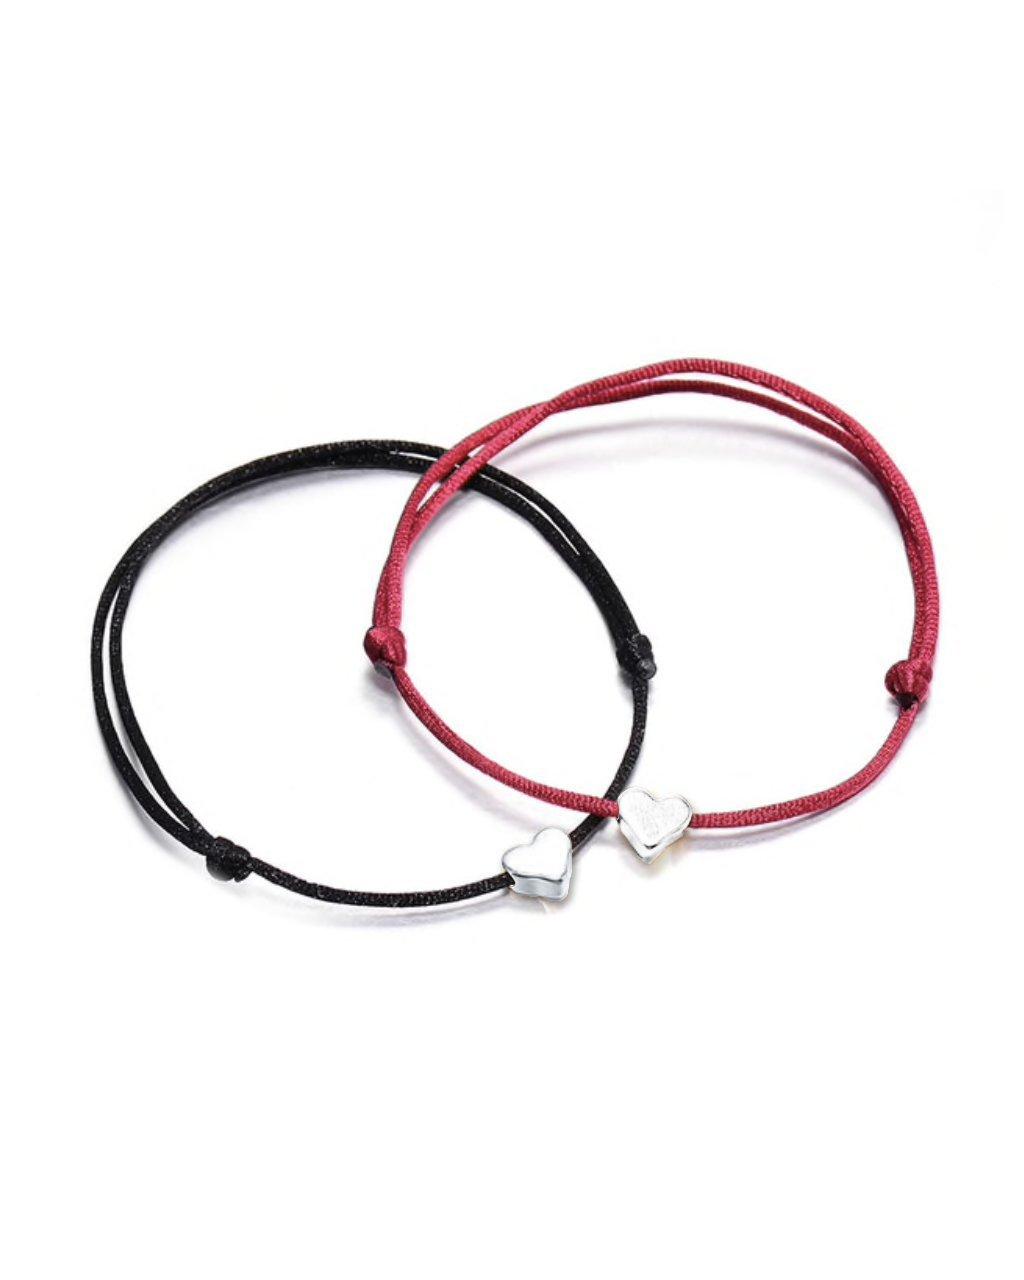 jemny provazkovy naramek parovy srdicka cervena cerna